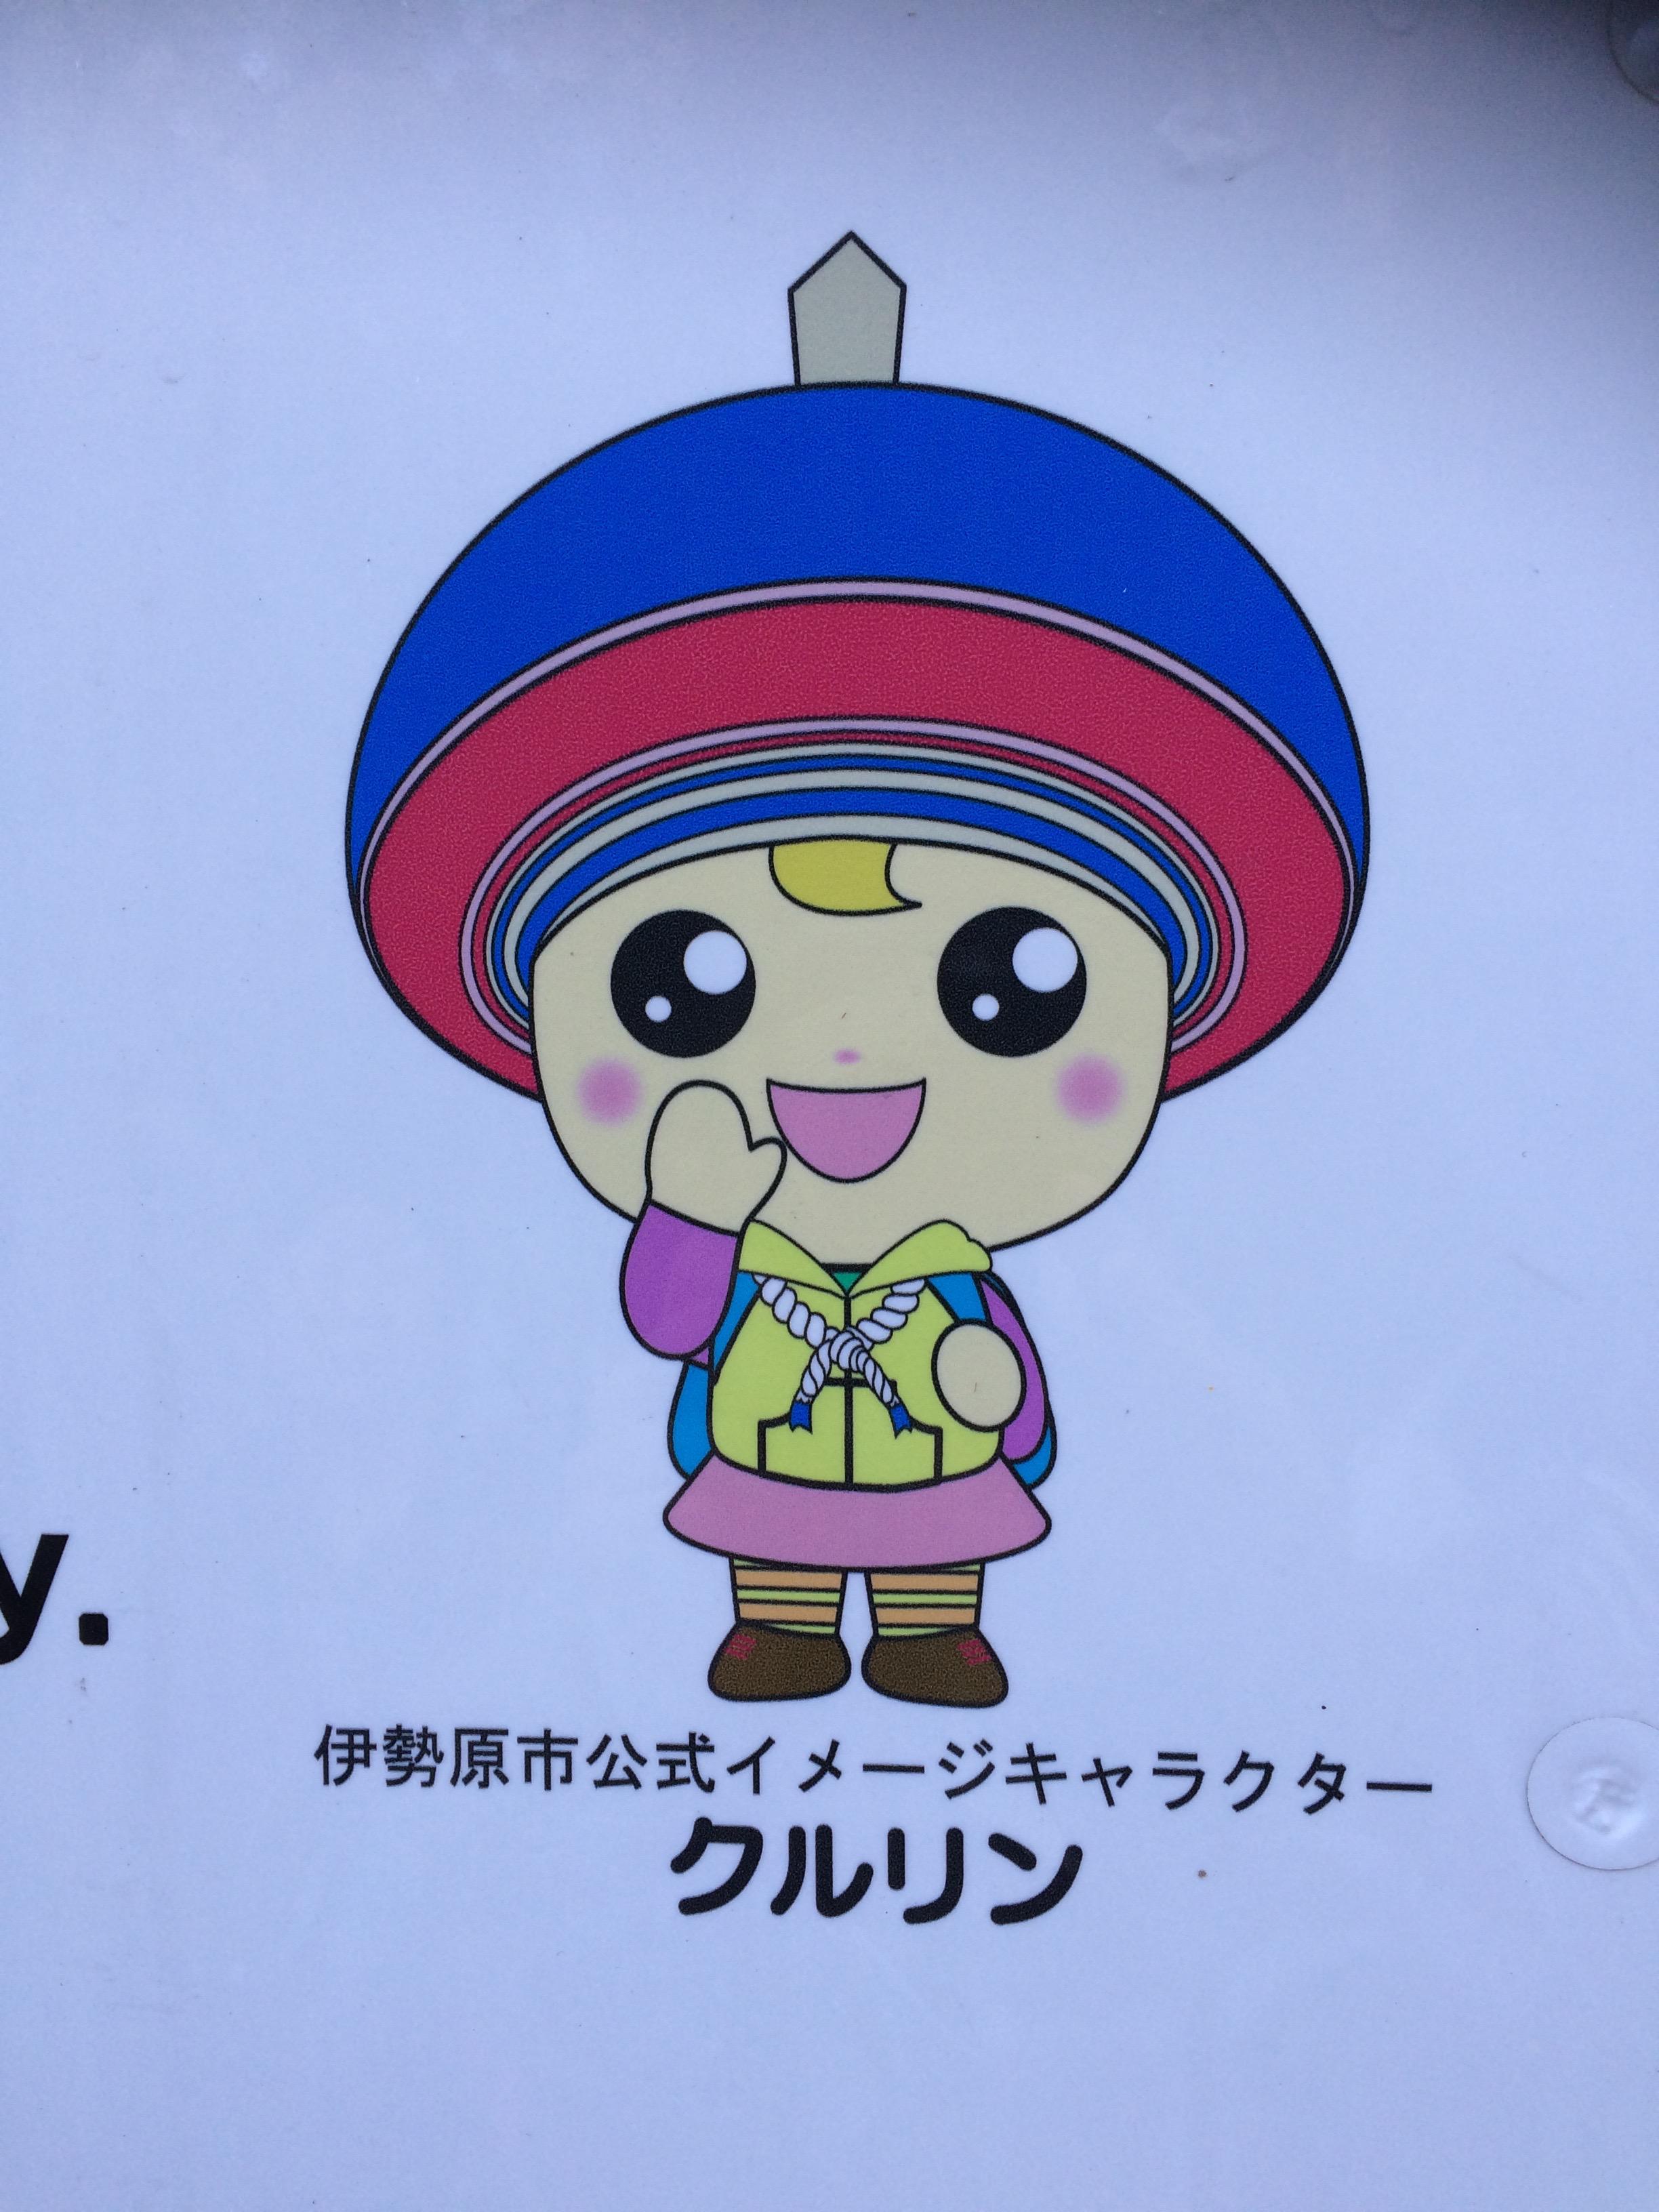 伊勢原市の公式キャラクタークルリン